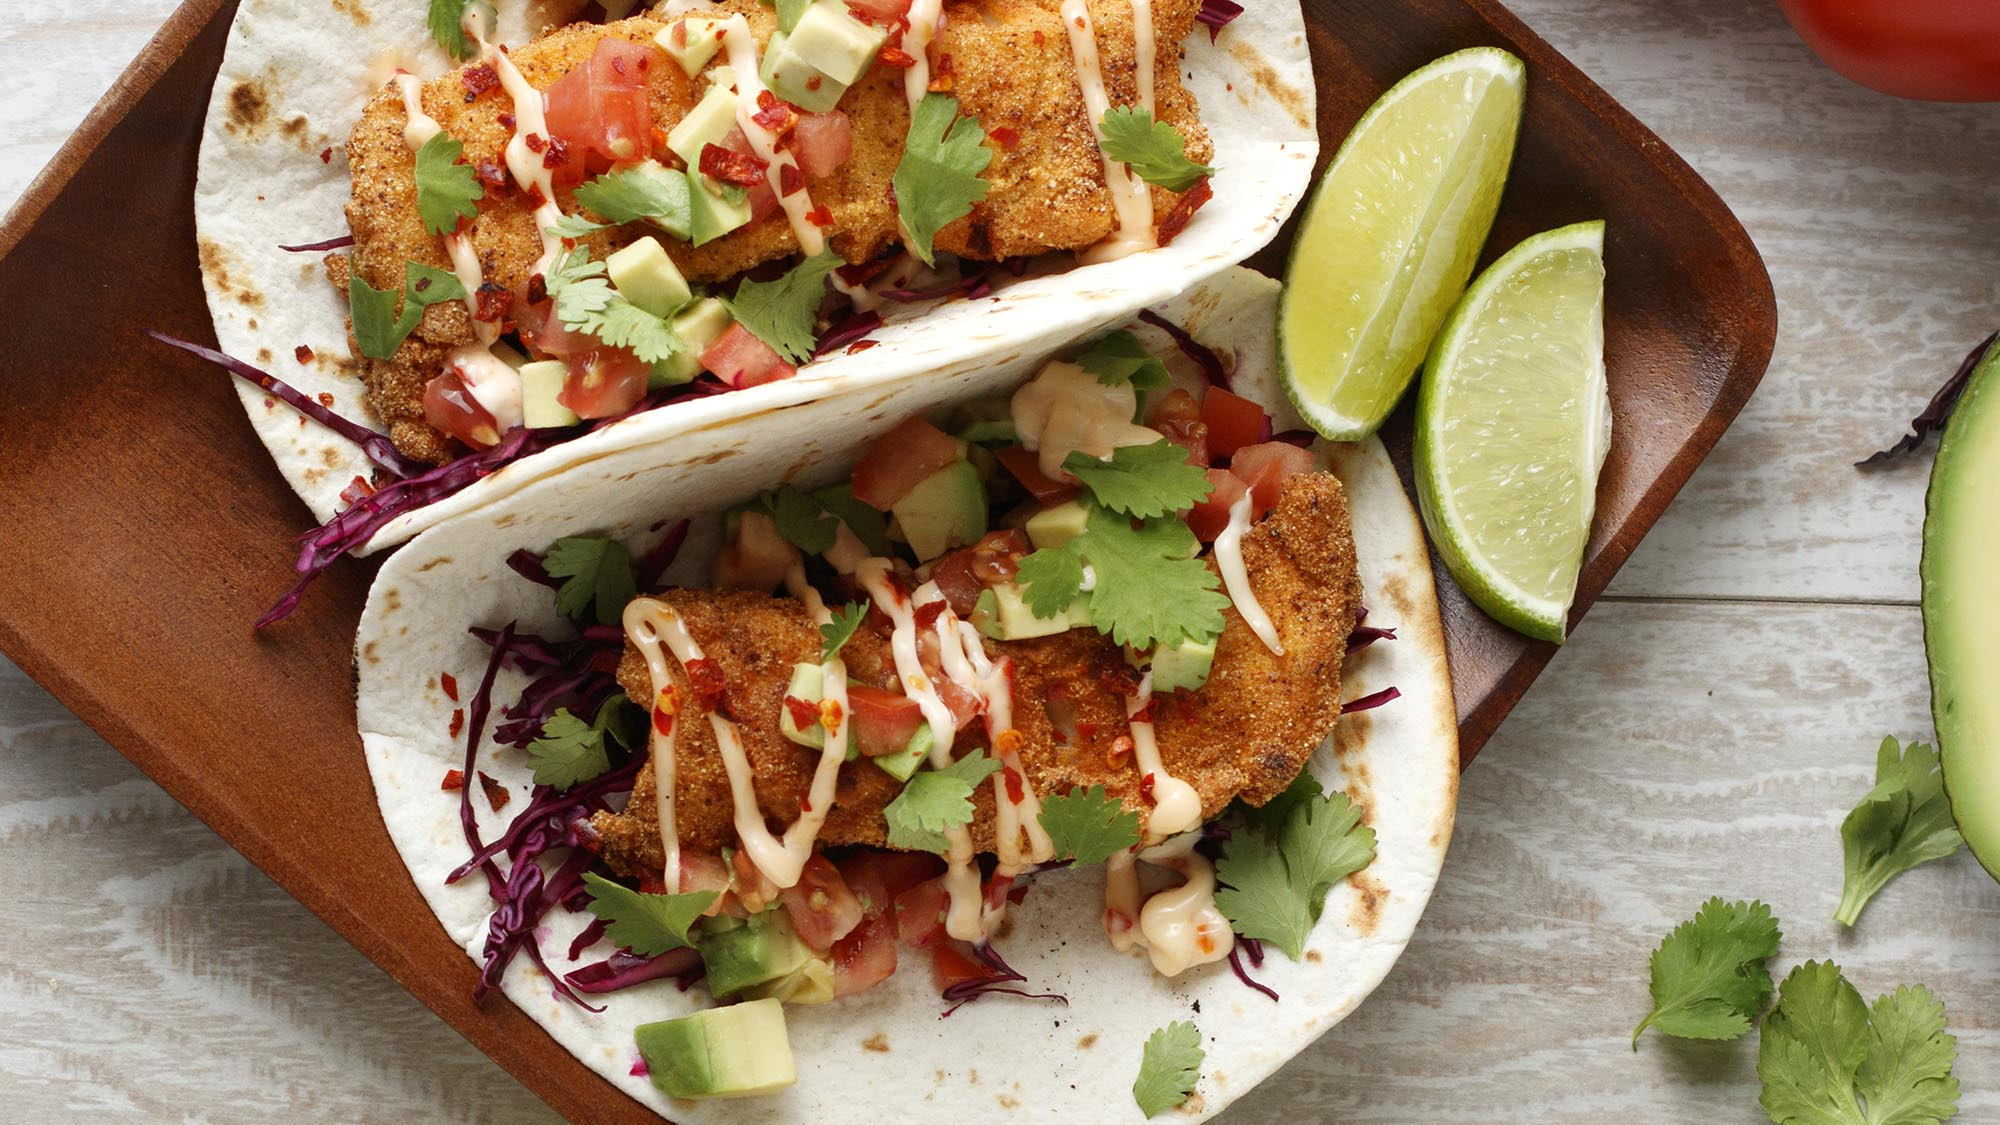 ZATARAIN'S Creole Fish Tacos